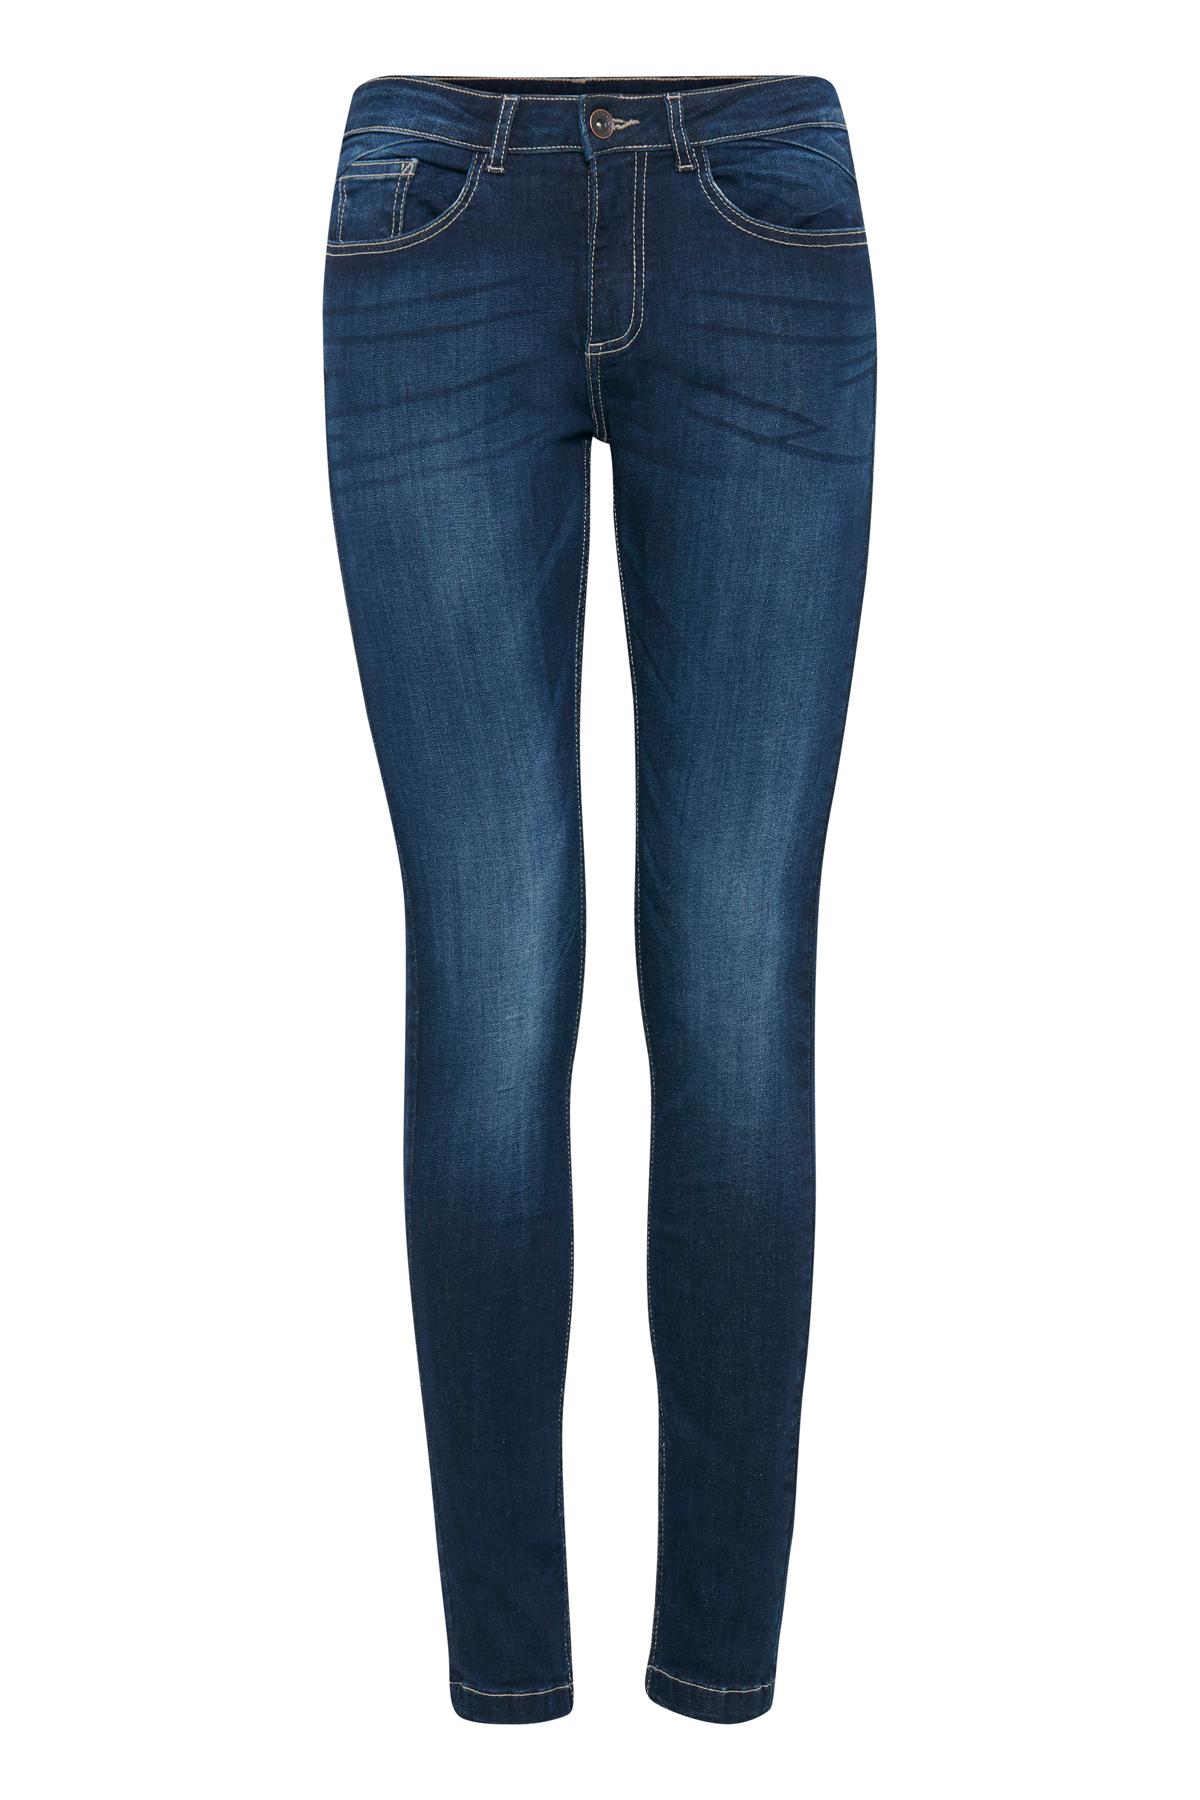 Dark ink Lola luni Jeans van b.young – Koop Dark ink Lola luni Jeans hier van size 25-36